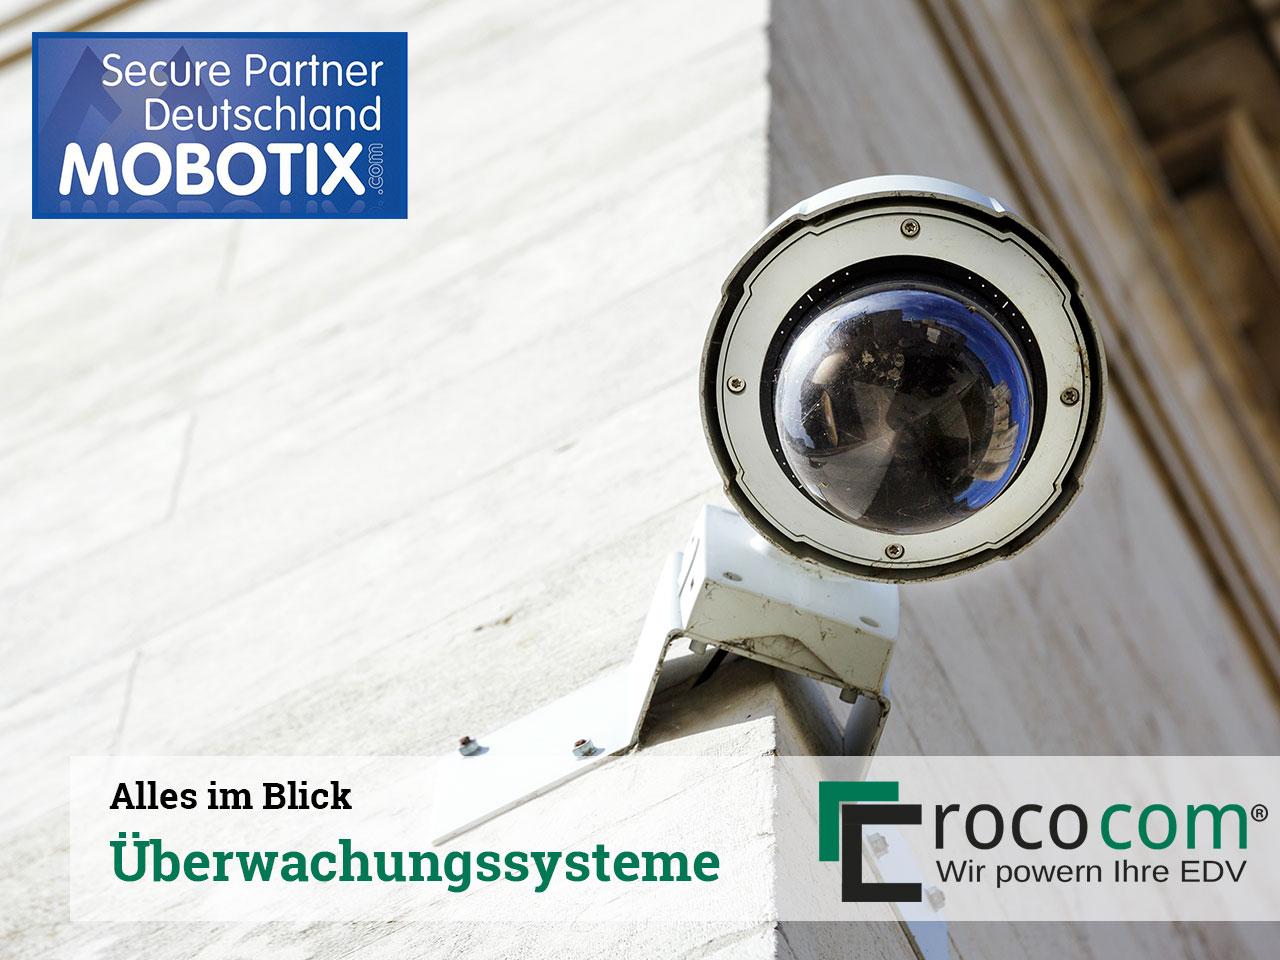 Alles im Blick: Prozessüberwachung von MOBOTIX